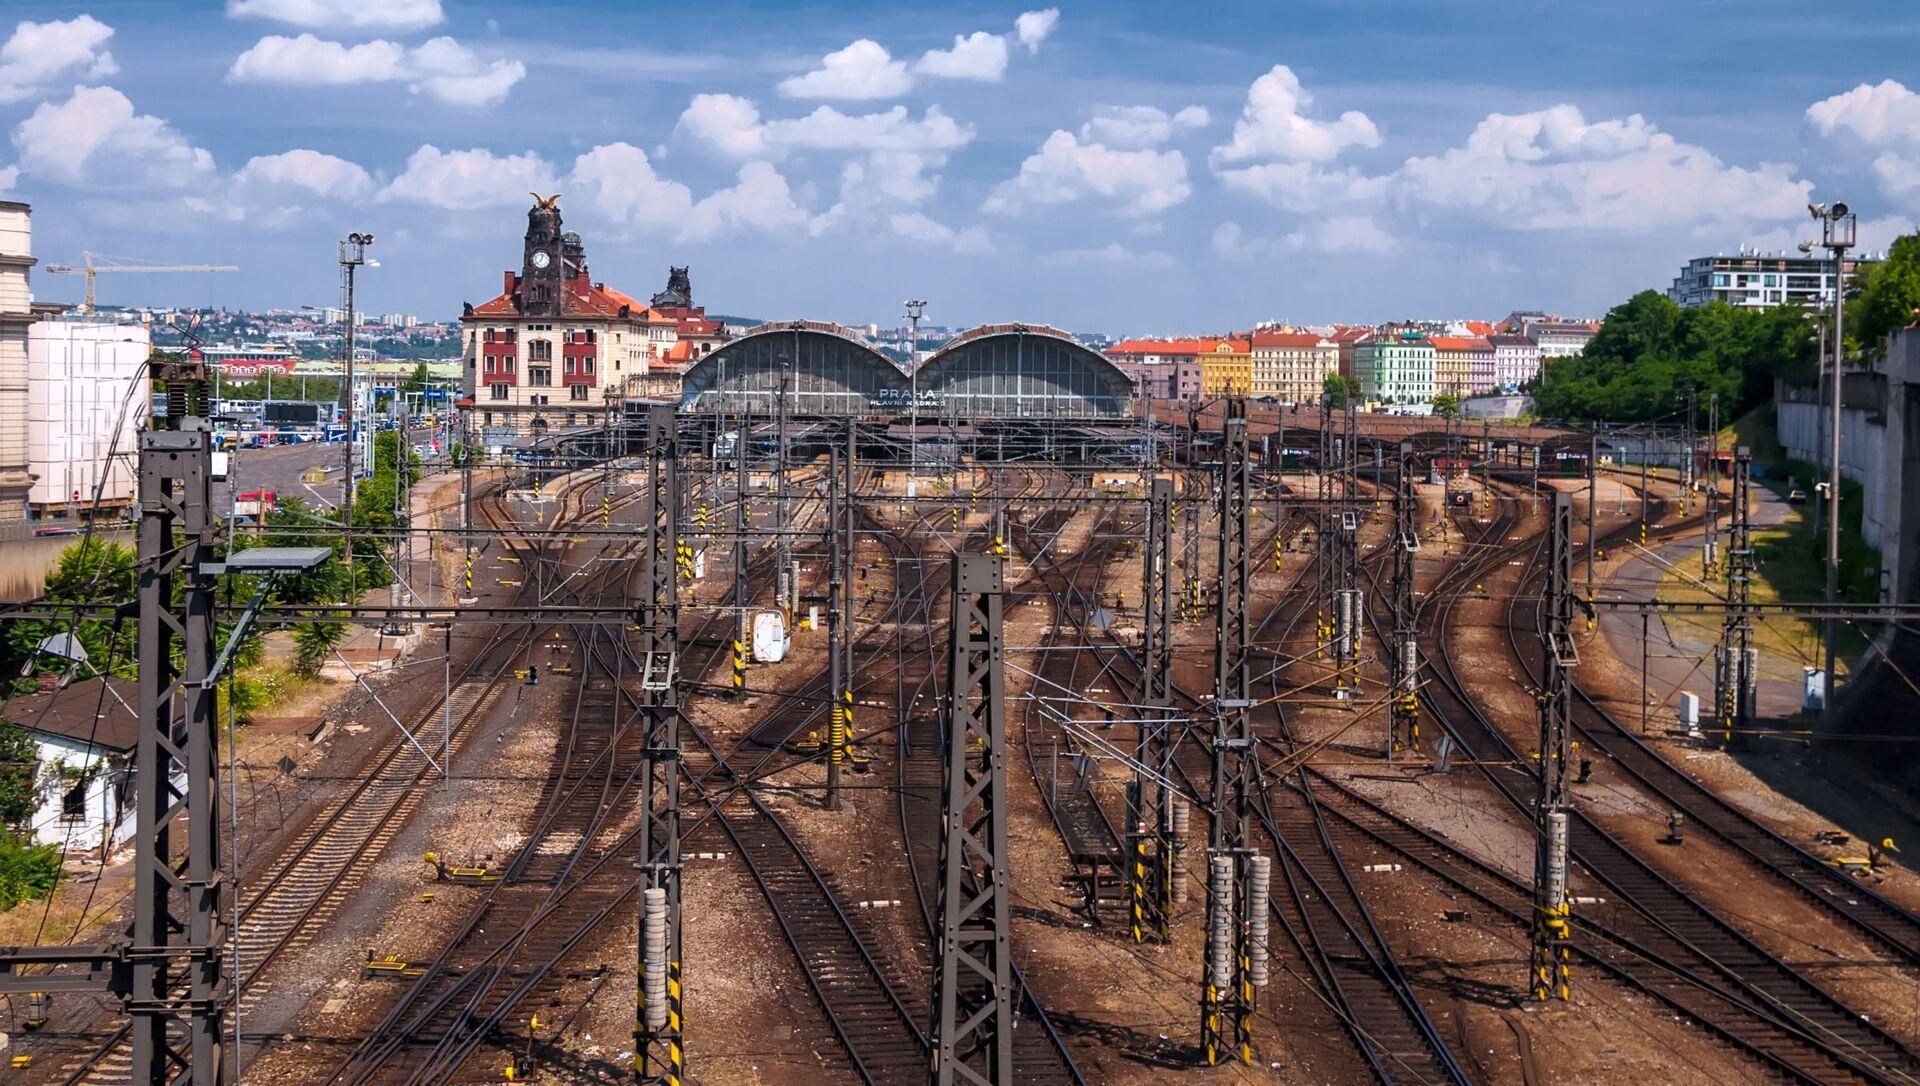 Hlavní nádraží, Praha - Sputnik Česká republika, 1920, 01.03.2021